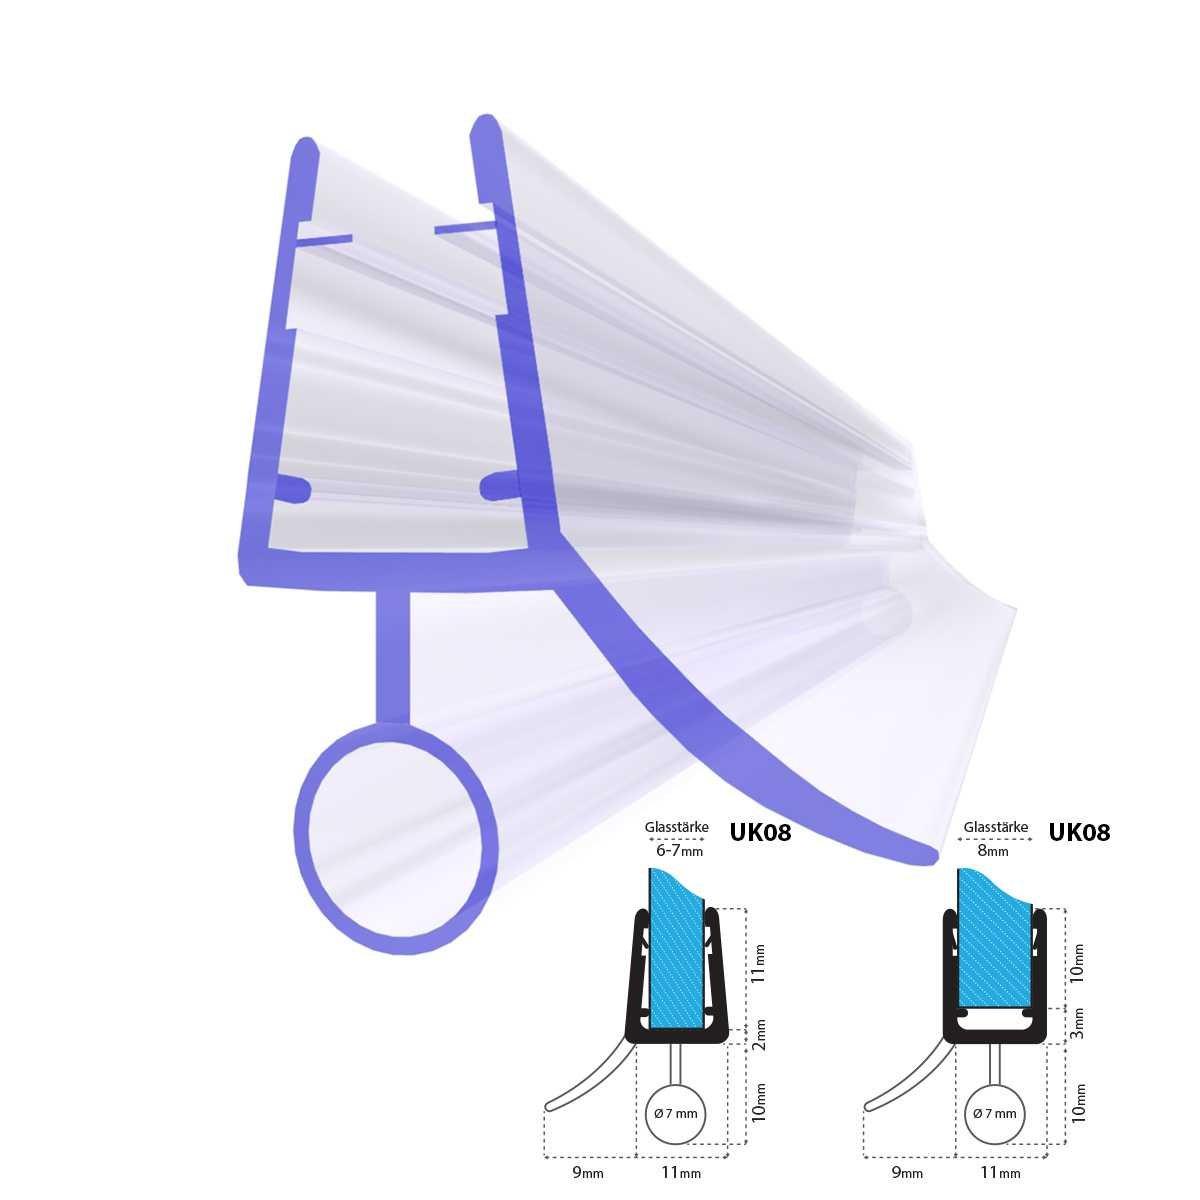 90 Cm UK08 - joint de rechange pour 6 mm/7 mm/8 mm verre d'é paisseur dé flecteur d'eau de douche de phoques Jumbo Shop 49527056